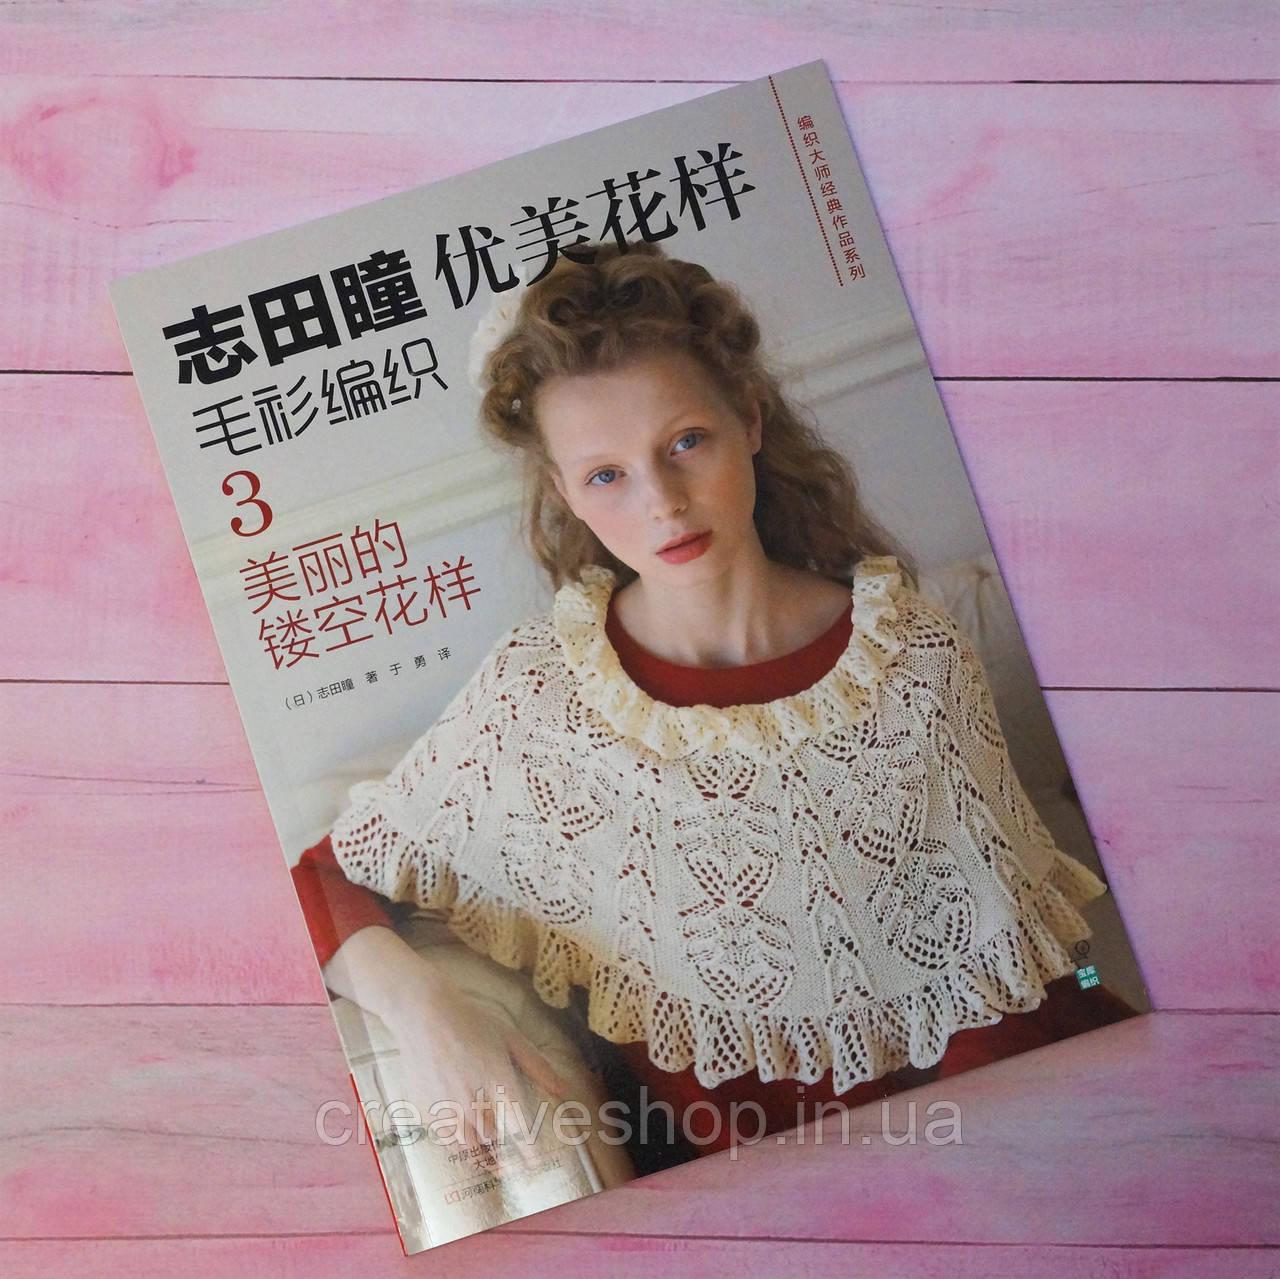 японский журнал по вязанию модели спицами 3 цена 400 грн